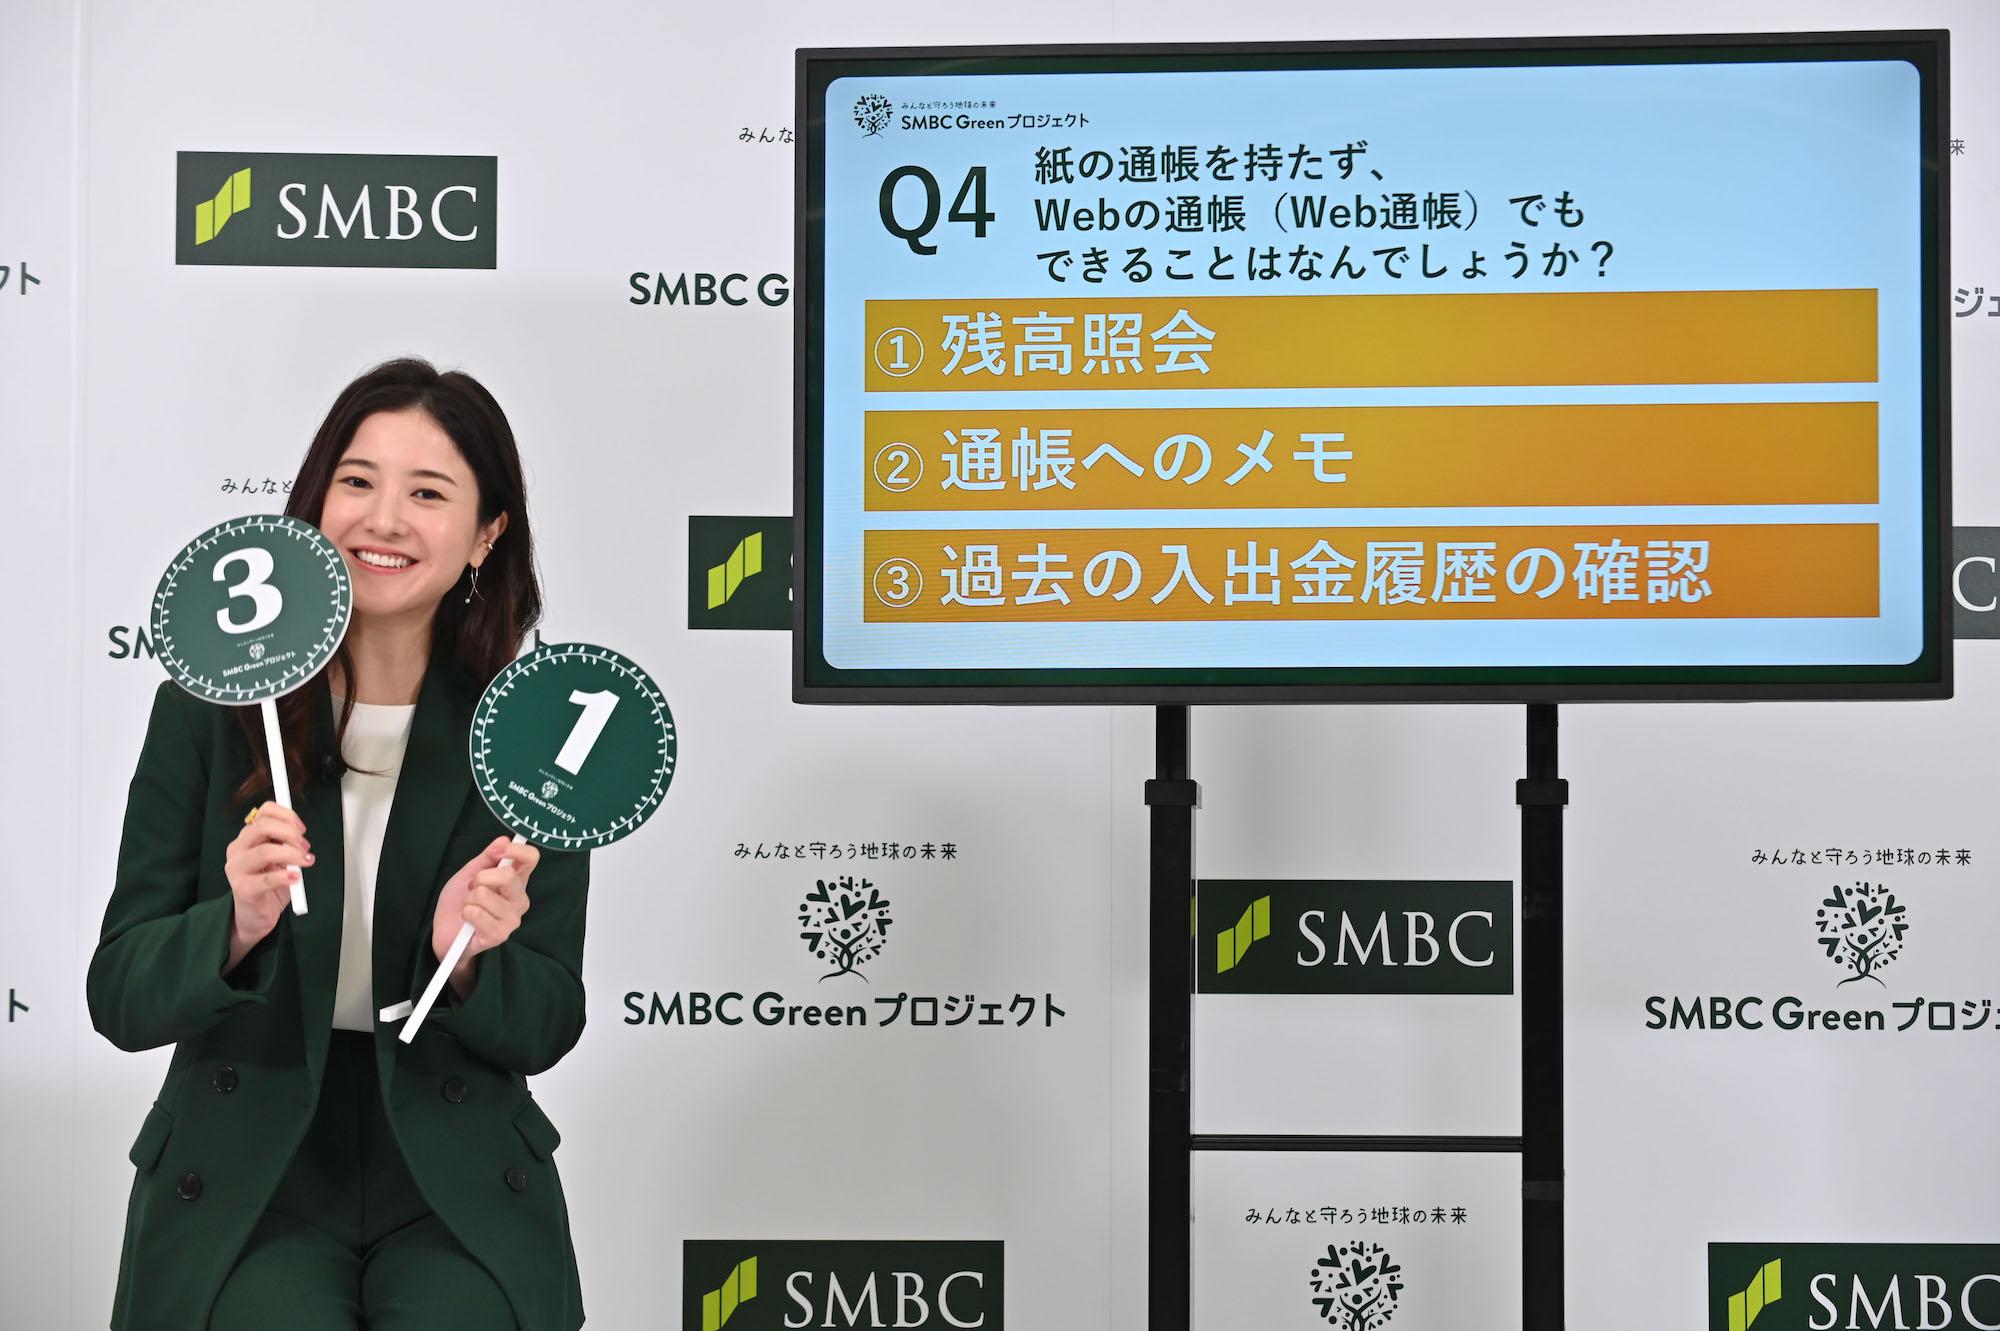 吉高由里子/三井住友銀行(SMBC)の「SMBC Green プロジェクト」発表会